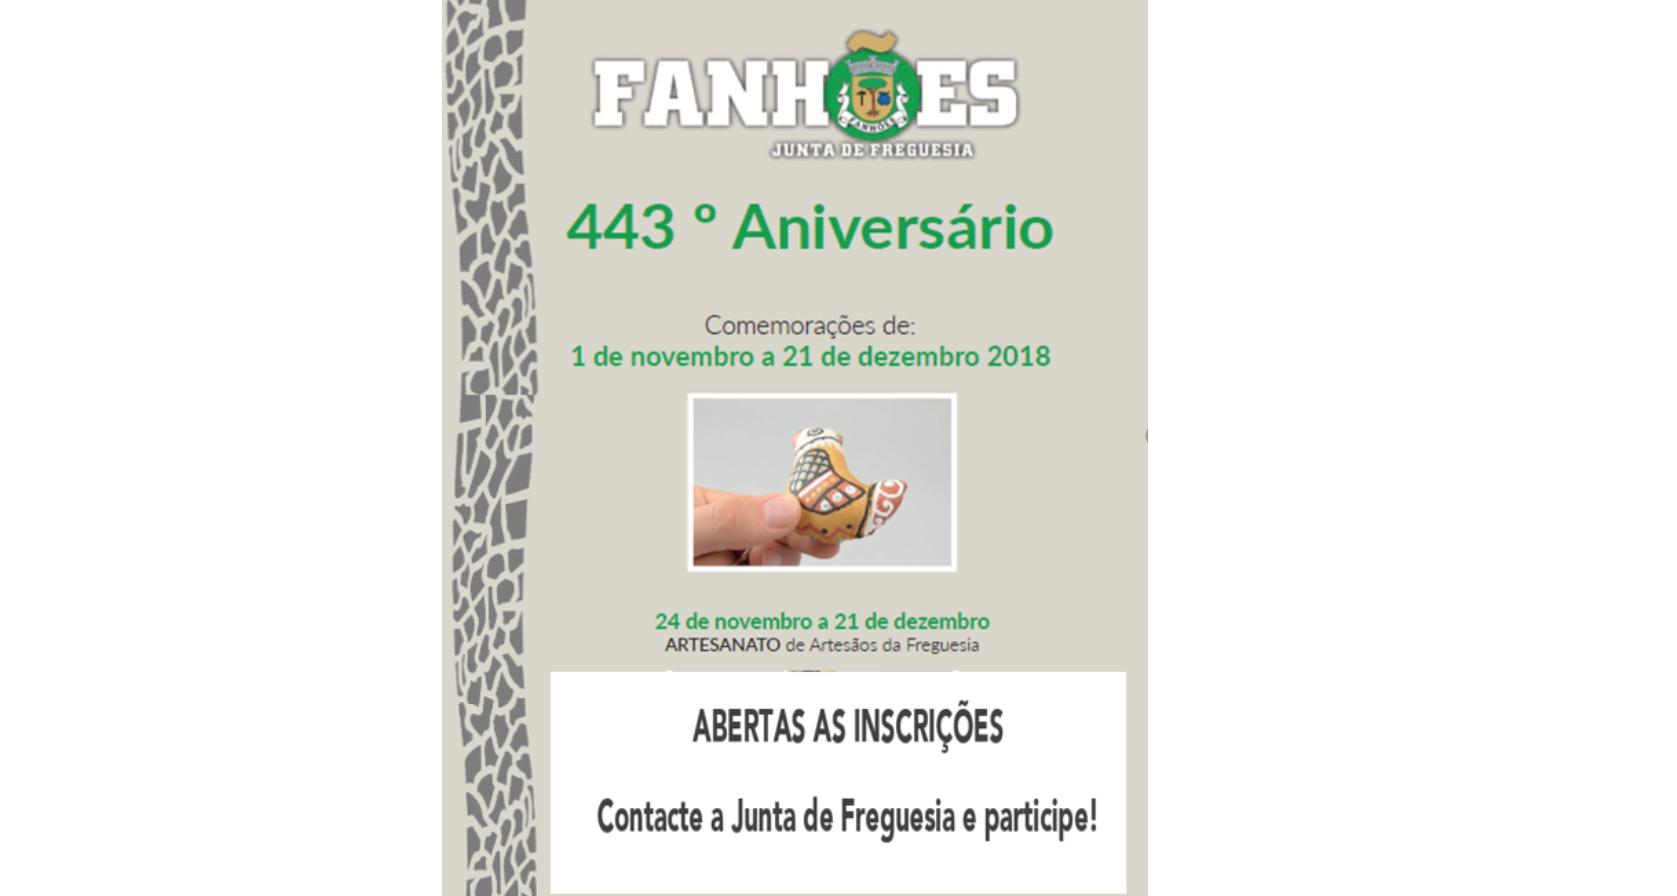 Abertas as Inscrições para a exposição de Artesanato no âmbito das comemorações do 443º Aniversário da Freguesia de Fanhões – Contacte a Junta de Freguesia e veja aqui o programa e participe!